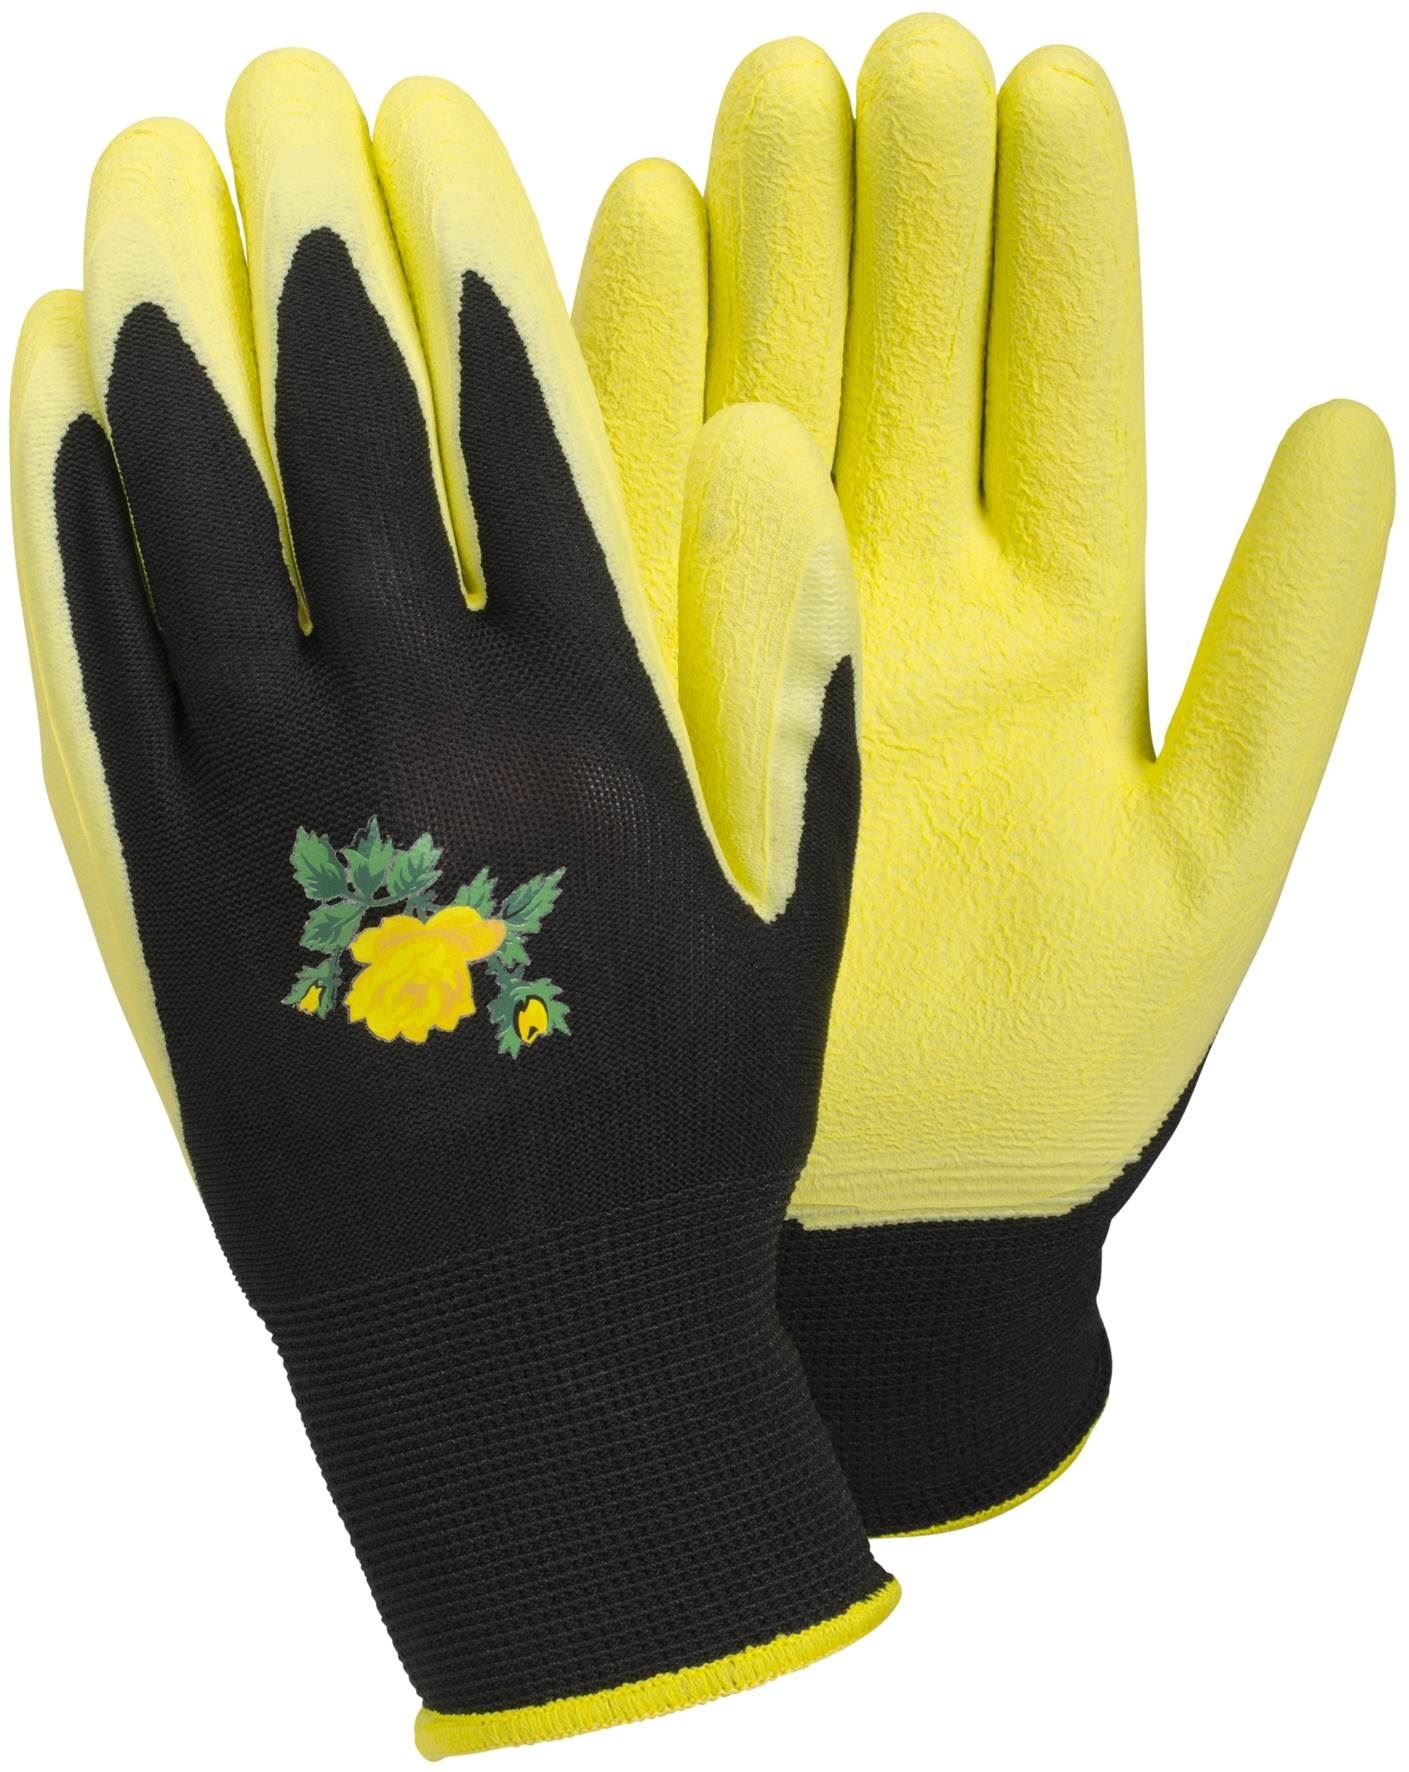 Tegera 8810 Infinity Winter Fleece Lined Builders Gardening Work Gloves